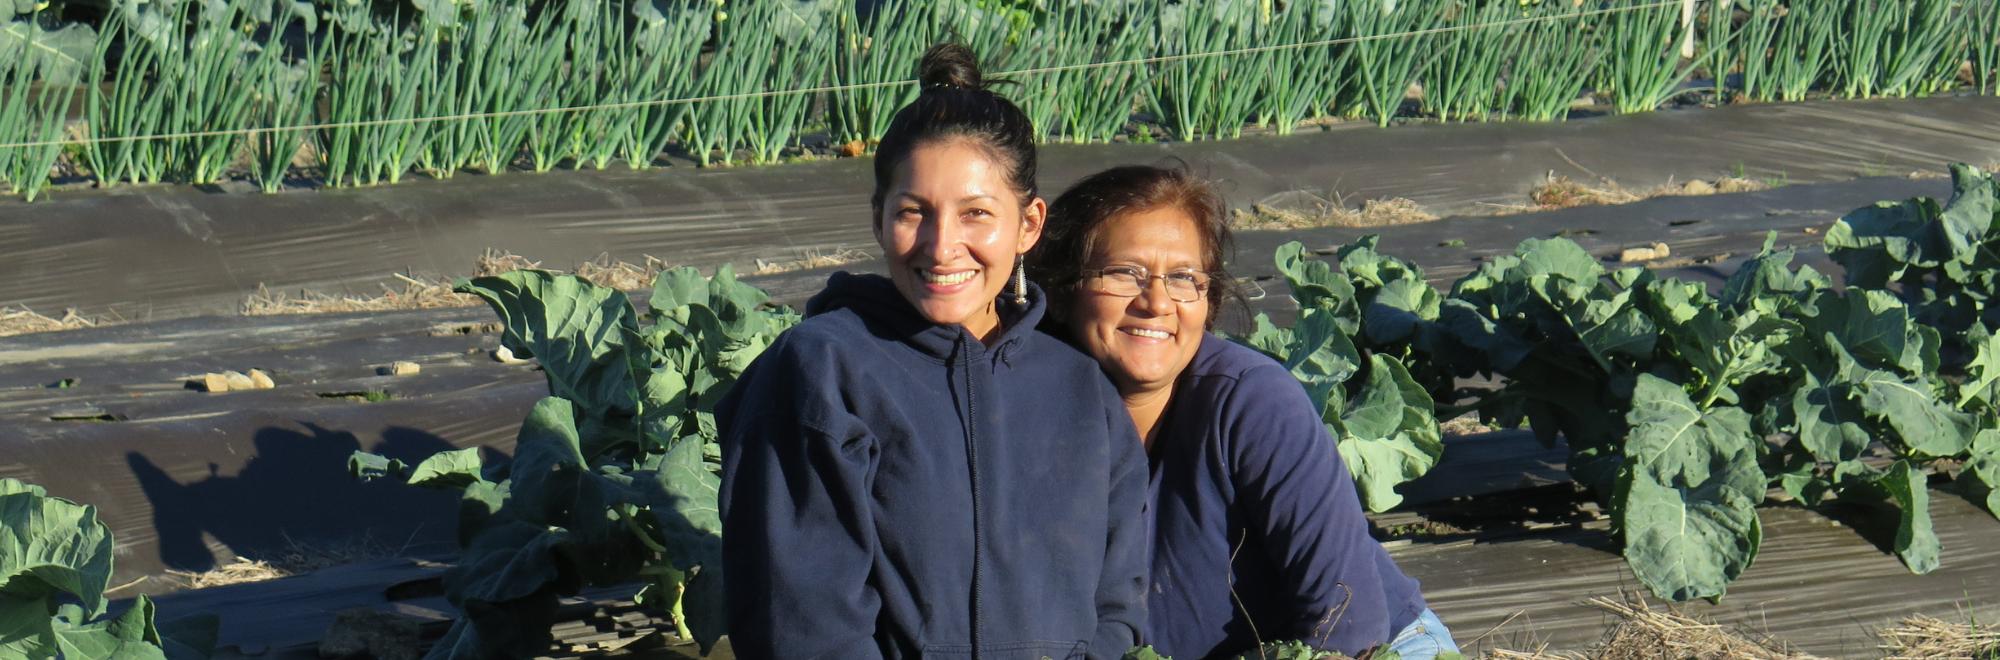 two women sitting in vegetable field on a farm